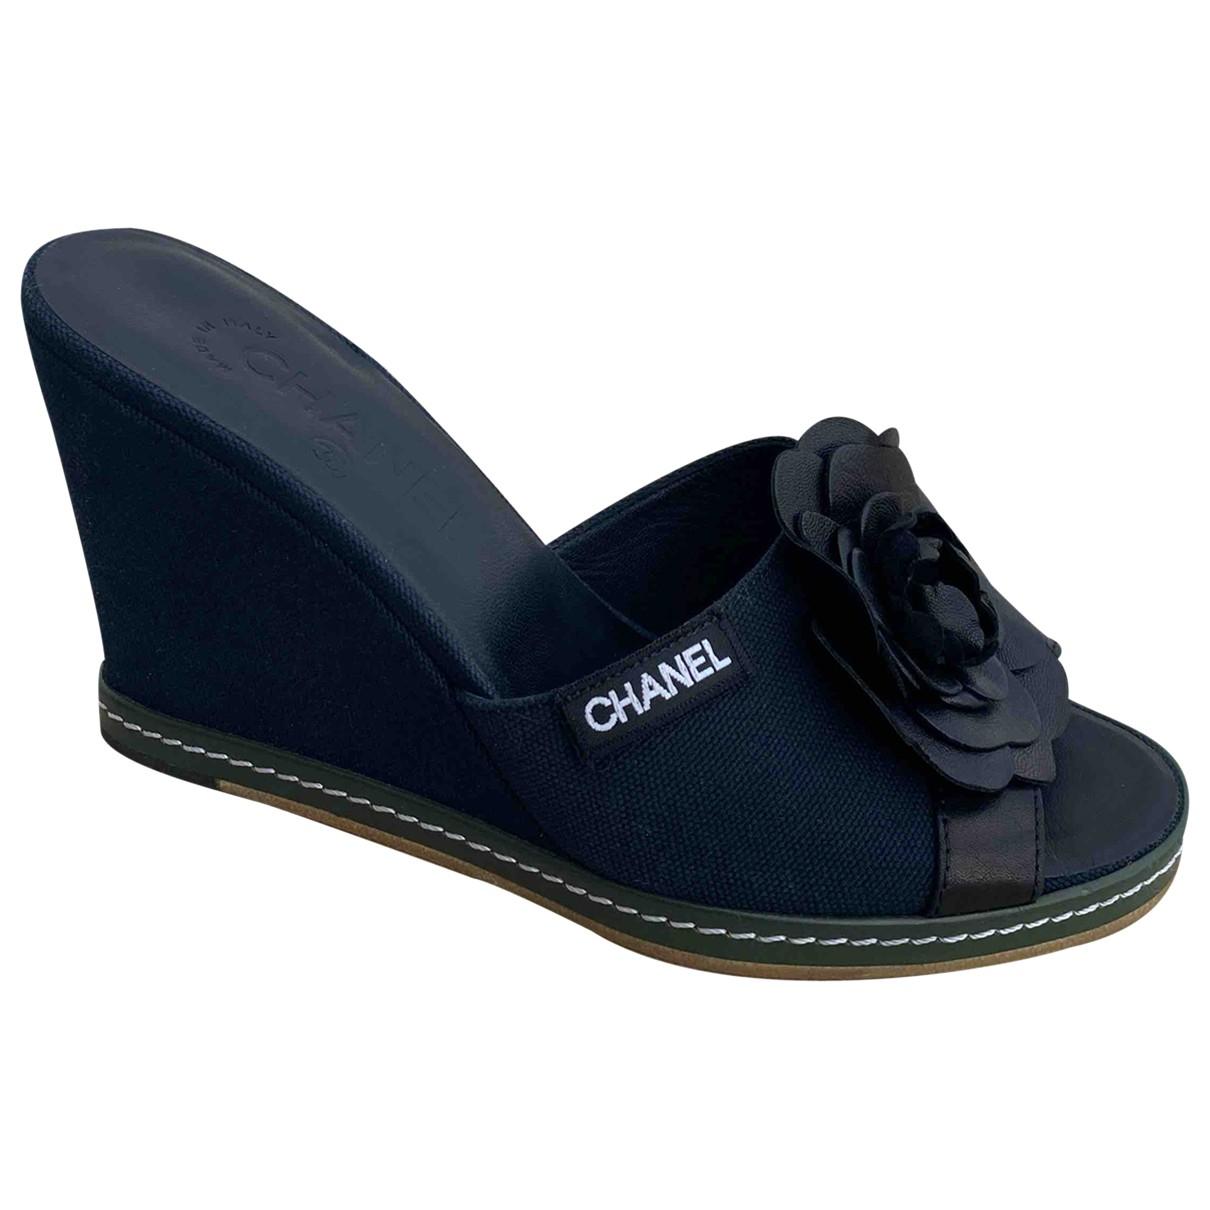 Chanel \N Clogs in  Schwarz Leinen